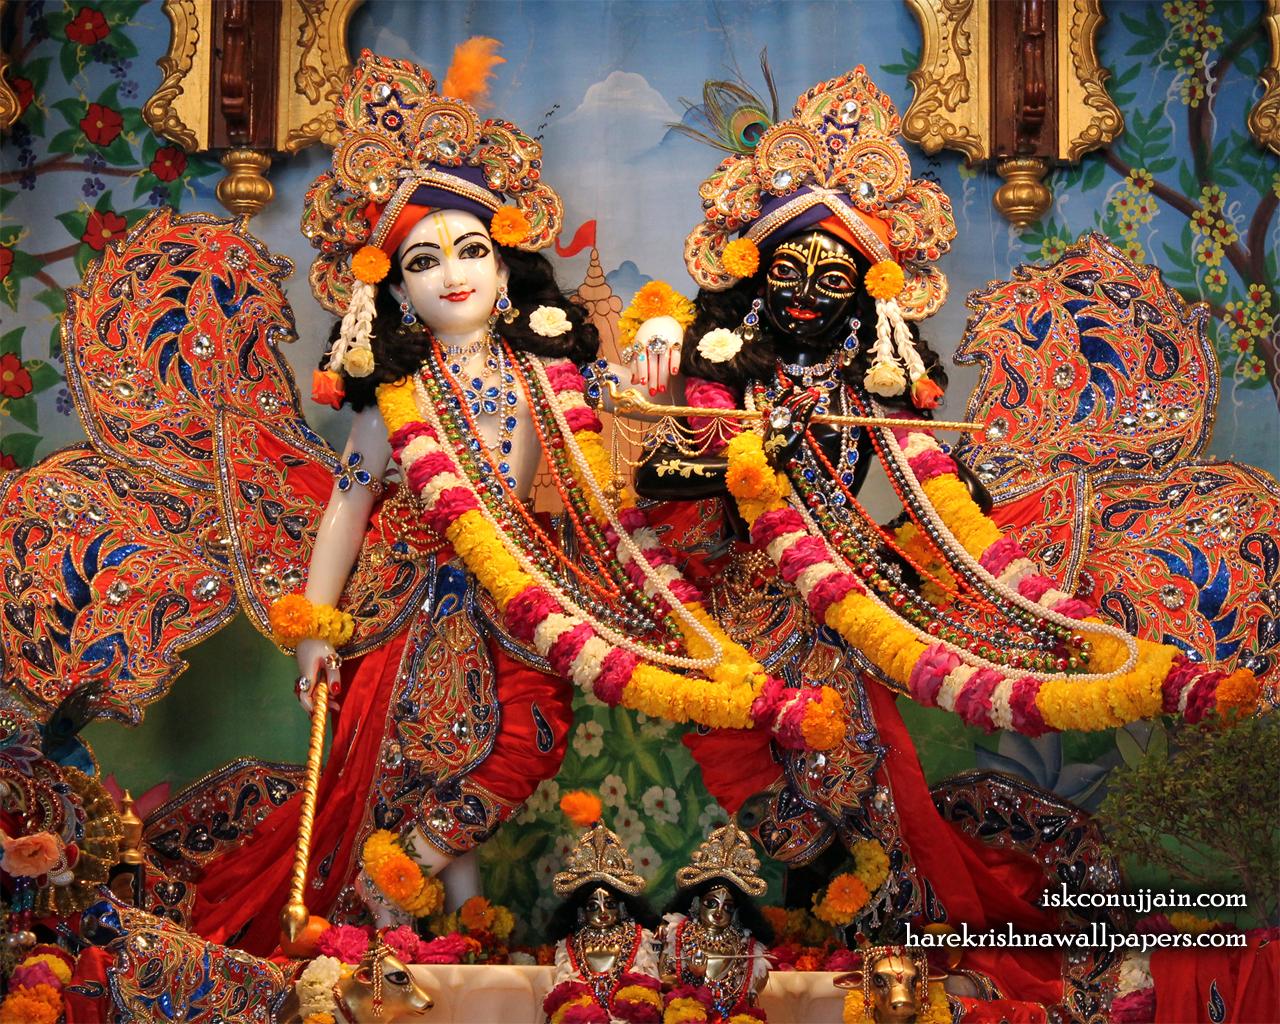 Sri Sri Krishna Balaram Wallpaper (003) Size 1280x1024 Download